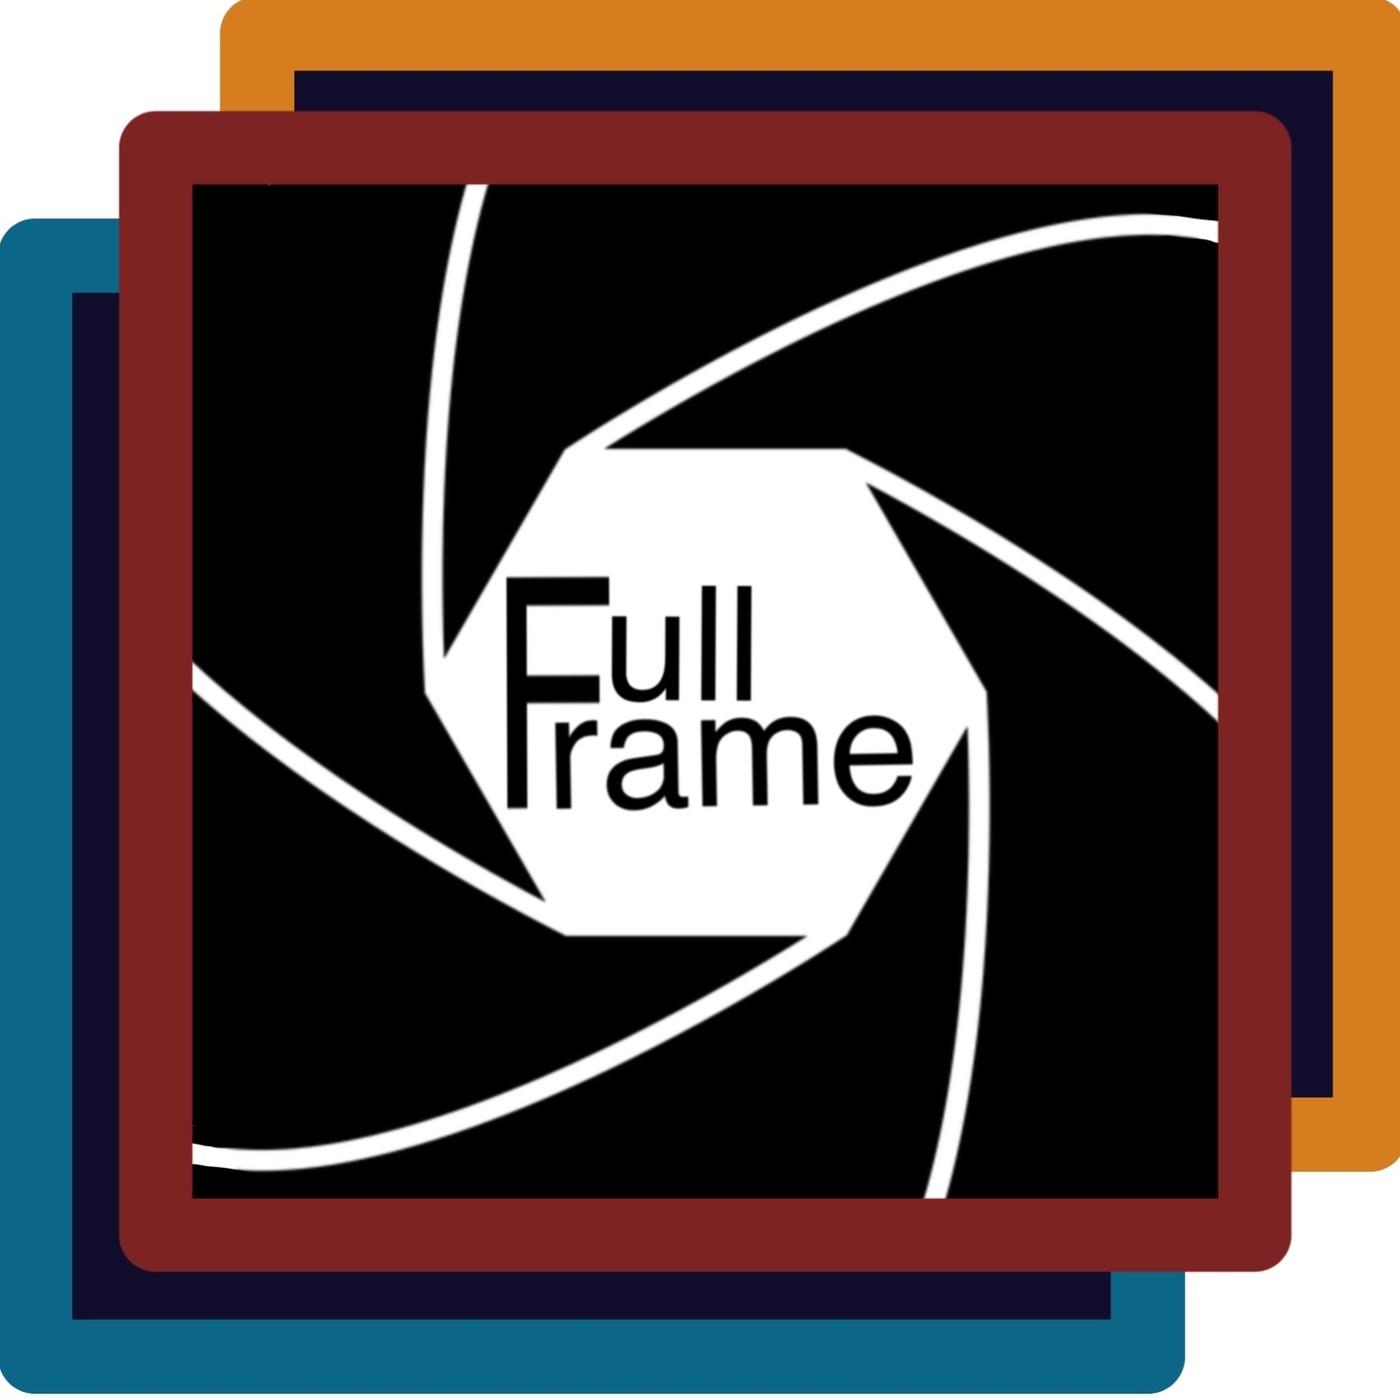 Full Frame 118 / EDUARDO MOMEÑE